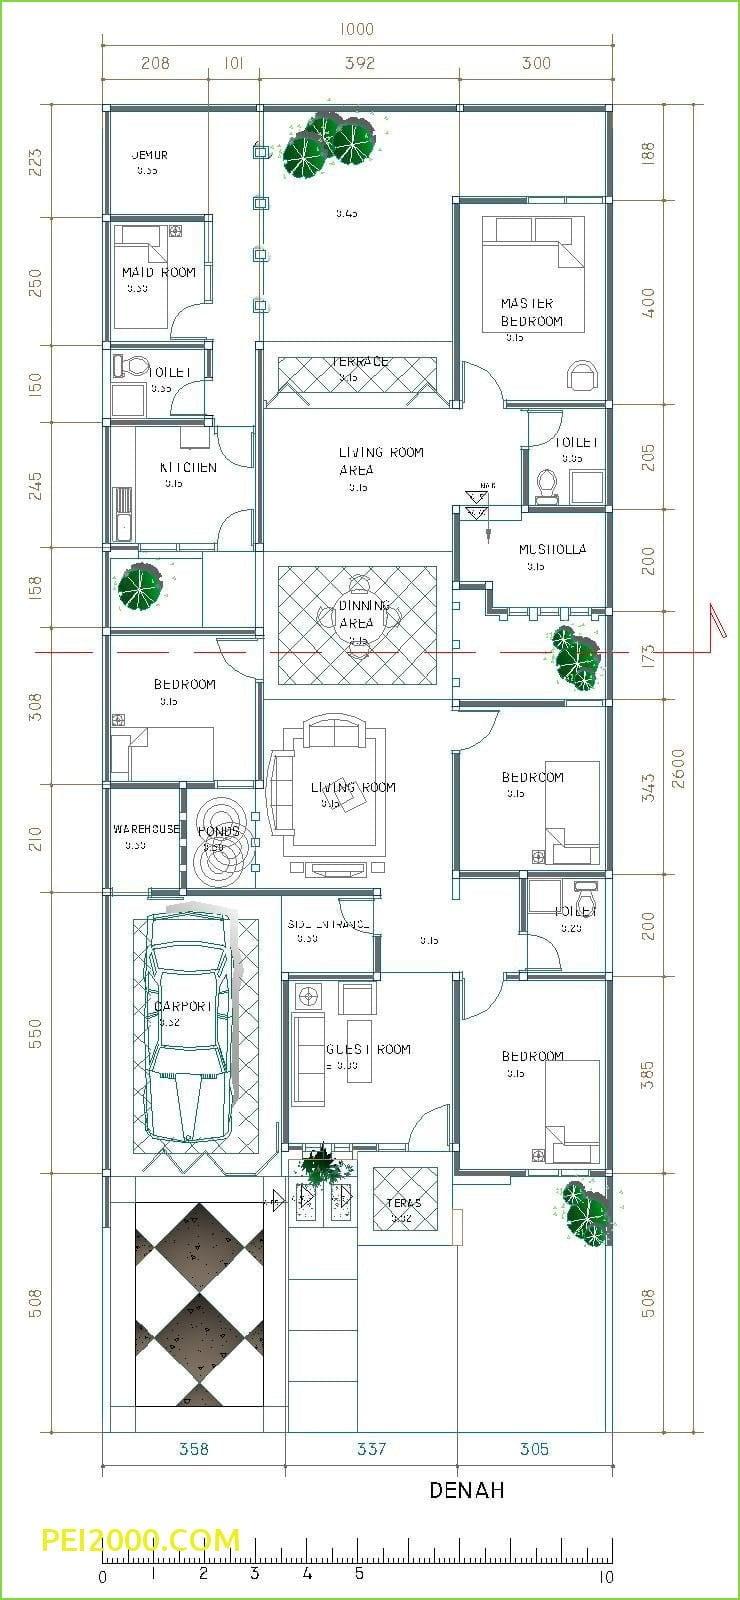 Denah Rumah 4 Kamar : denah, rumah, kamar, Kumpulan, Desain, Denah, Rumah, Mewah, Lantai, Kamar, Tidur, Terbaru, Terbaik, Deagam, Design